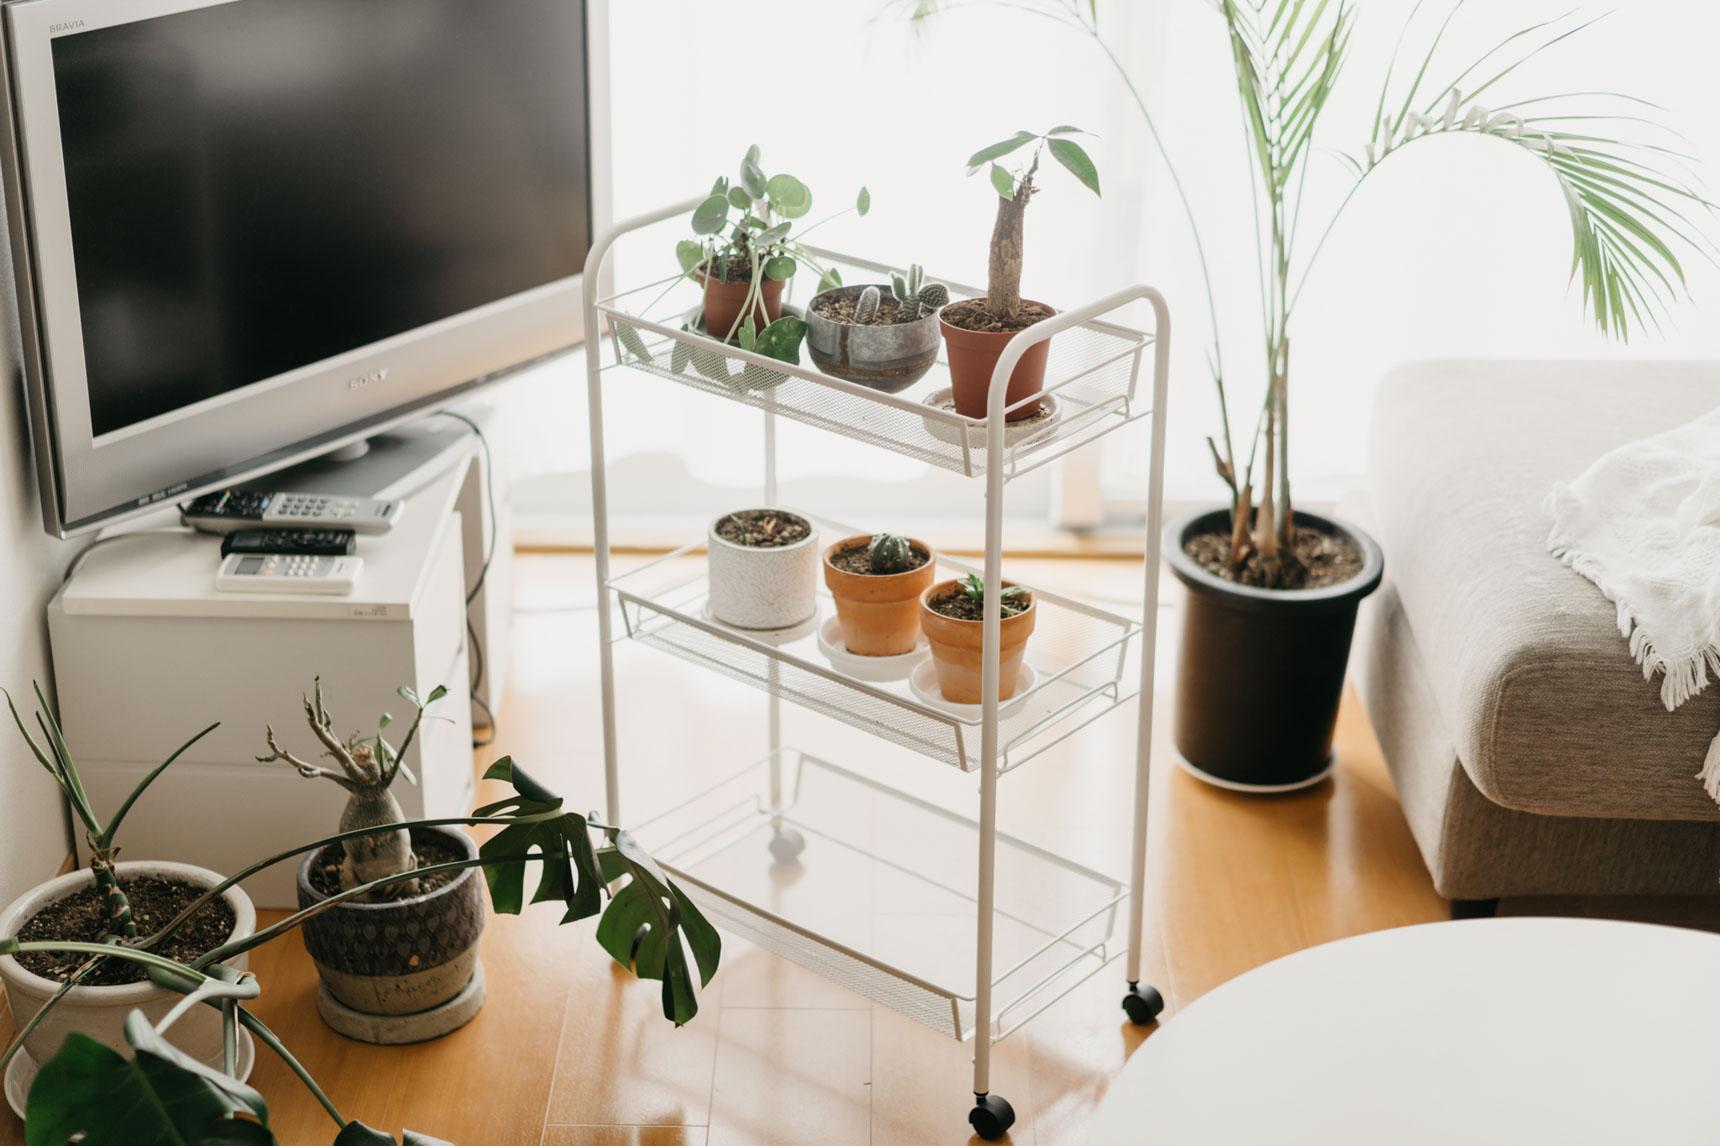 小さな鉢植えはIKEAのサイドラックにまとめて。キャスターがついているので日当たりの良い場所に移動するのも楽々。